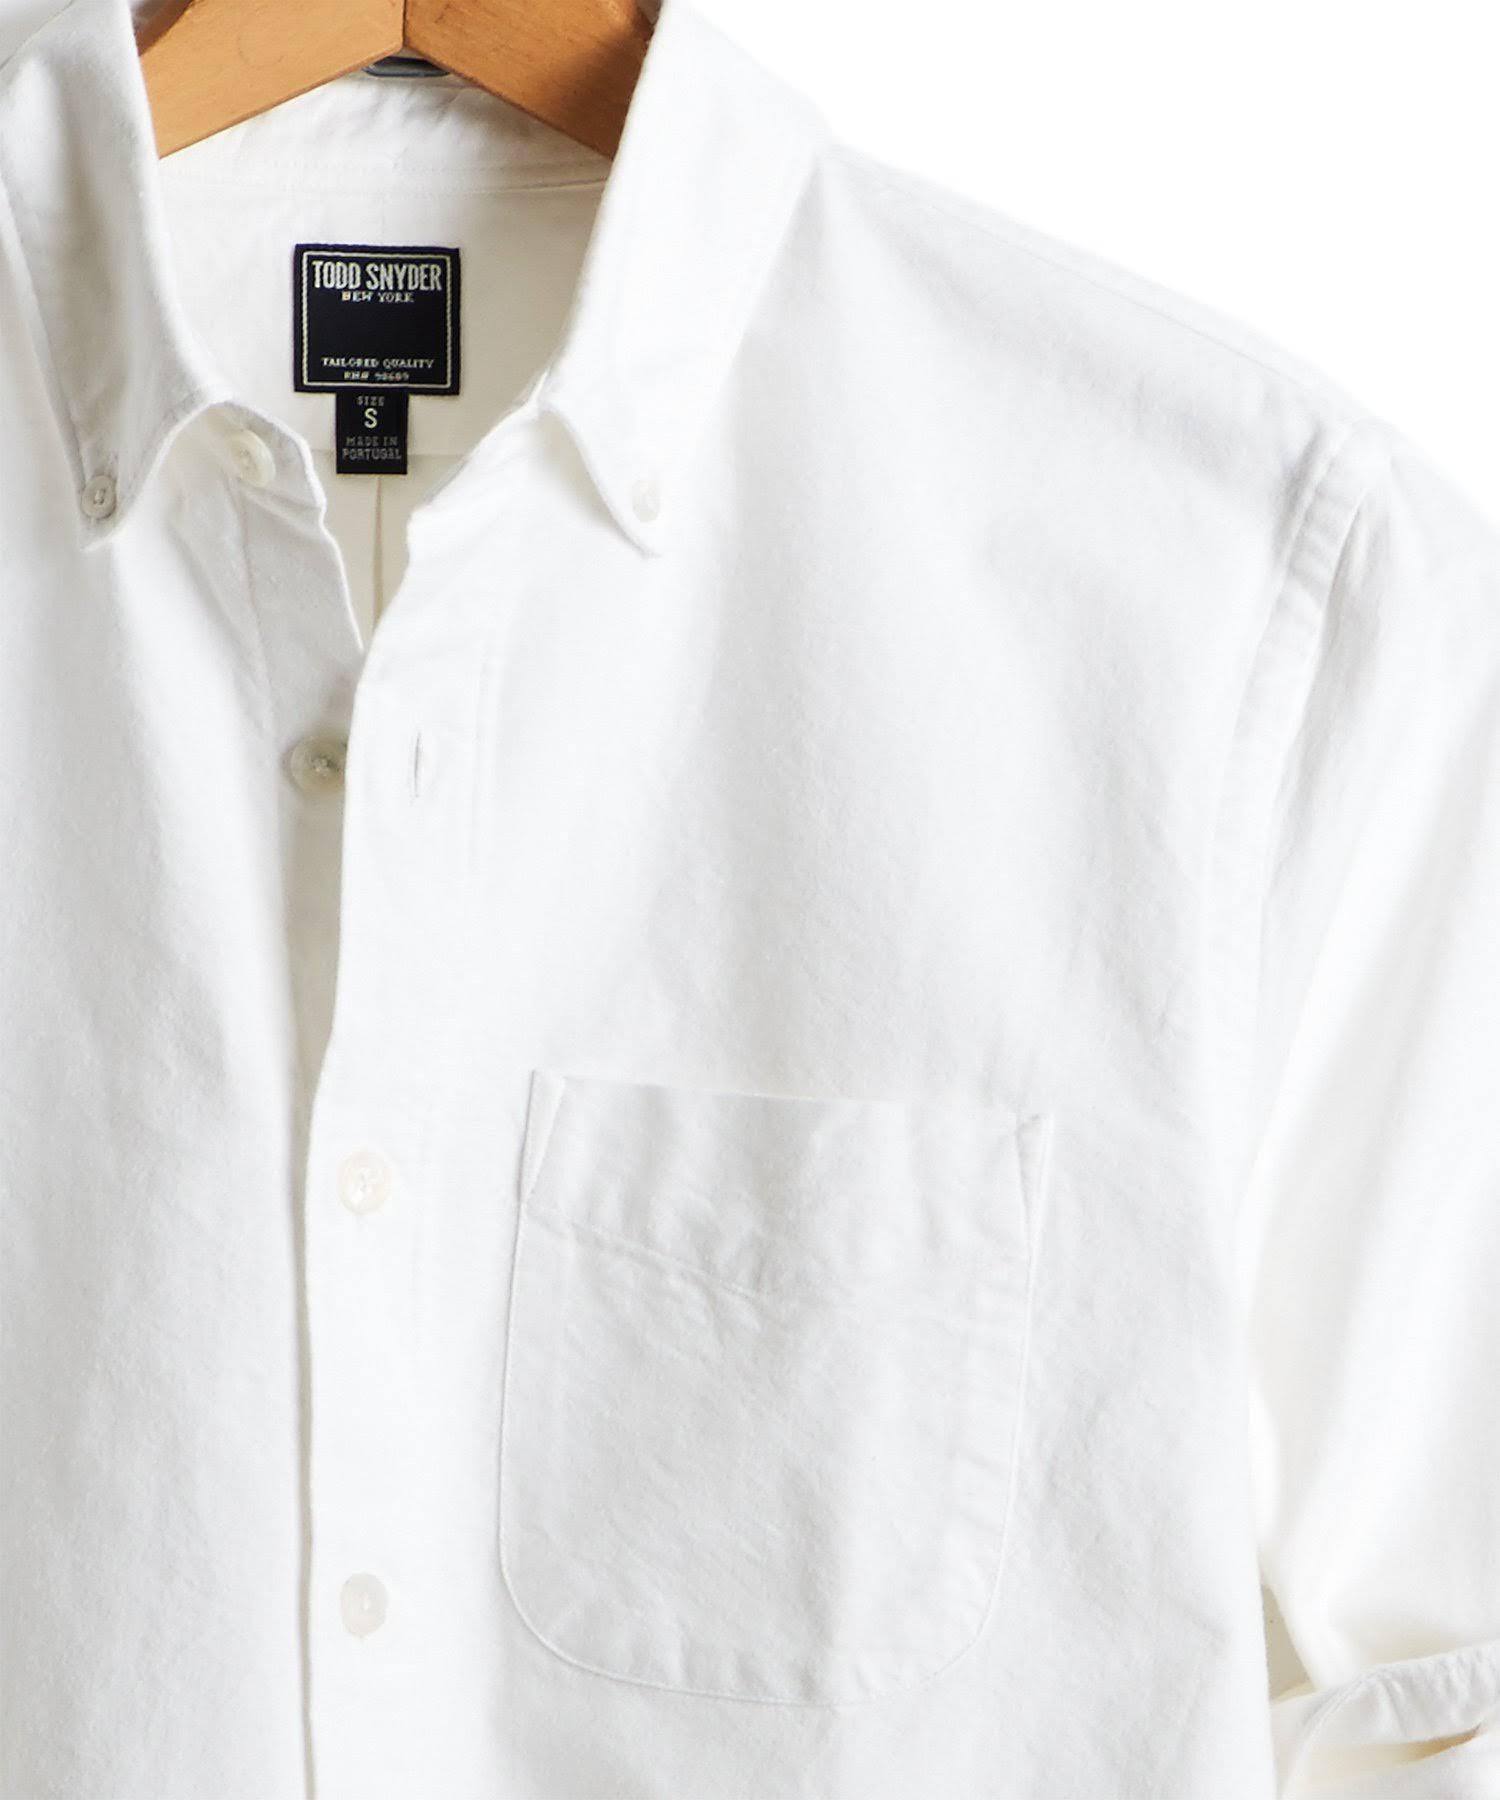 Selvedge Camisa Blanco Snyder Botones Japonesa Oxford De M Con Todd En YZPqw